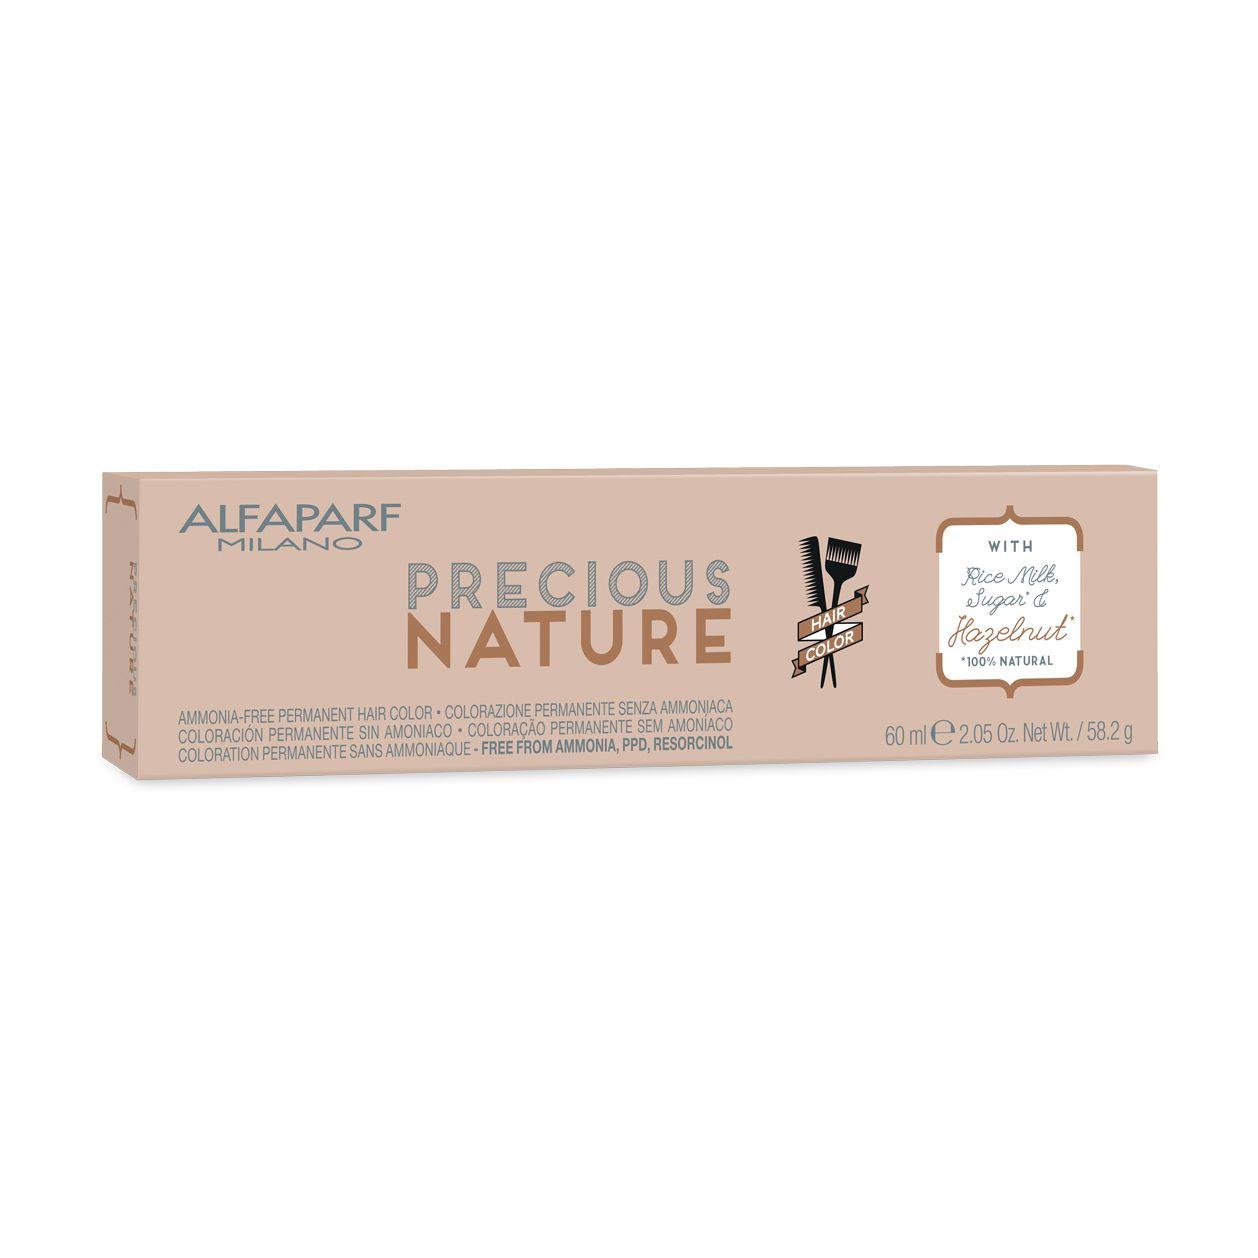 Alfaparf Milano Precious Nature Hair Color Creme de Coloração 6.1 Louro Escuro Cinza 60ml